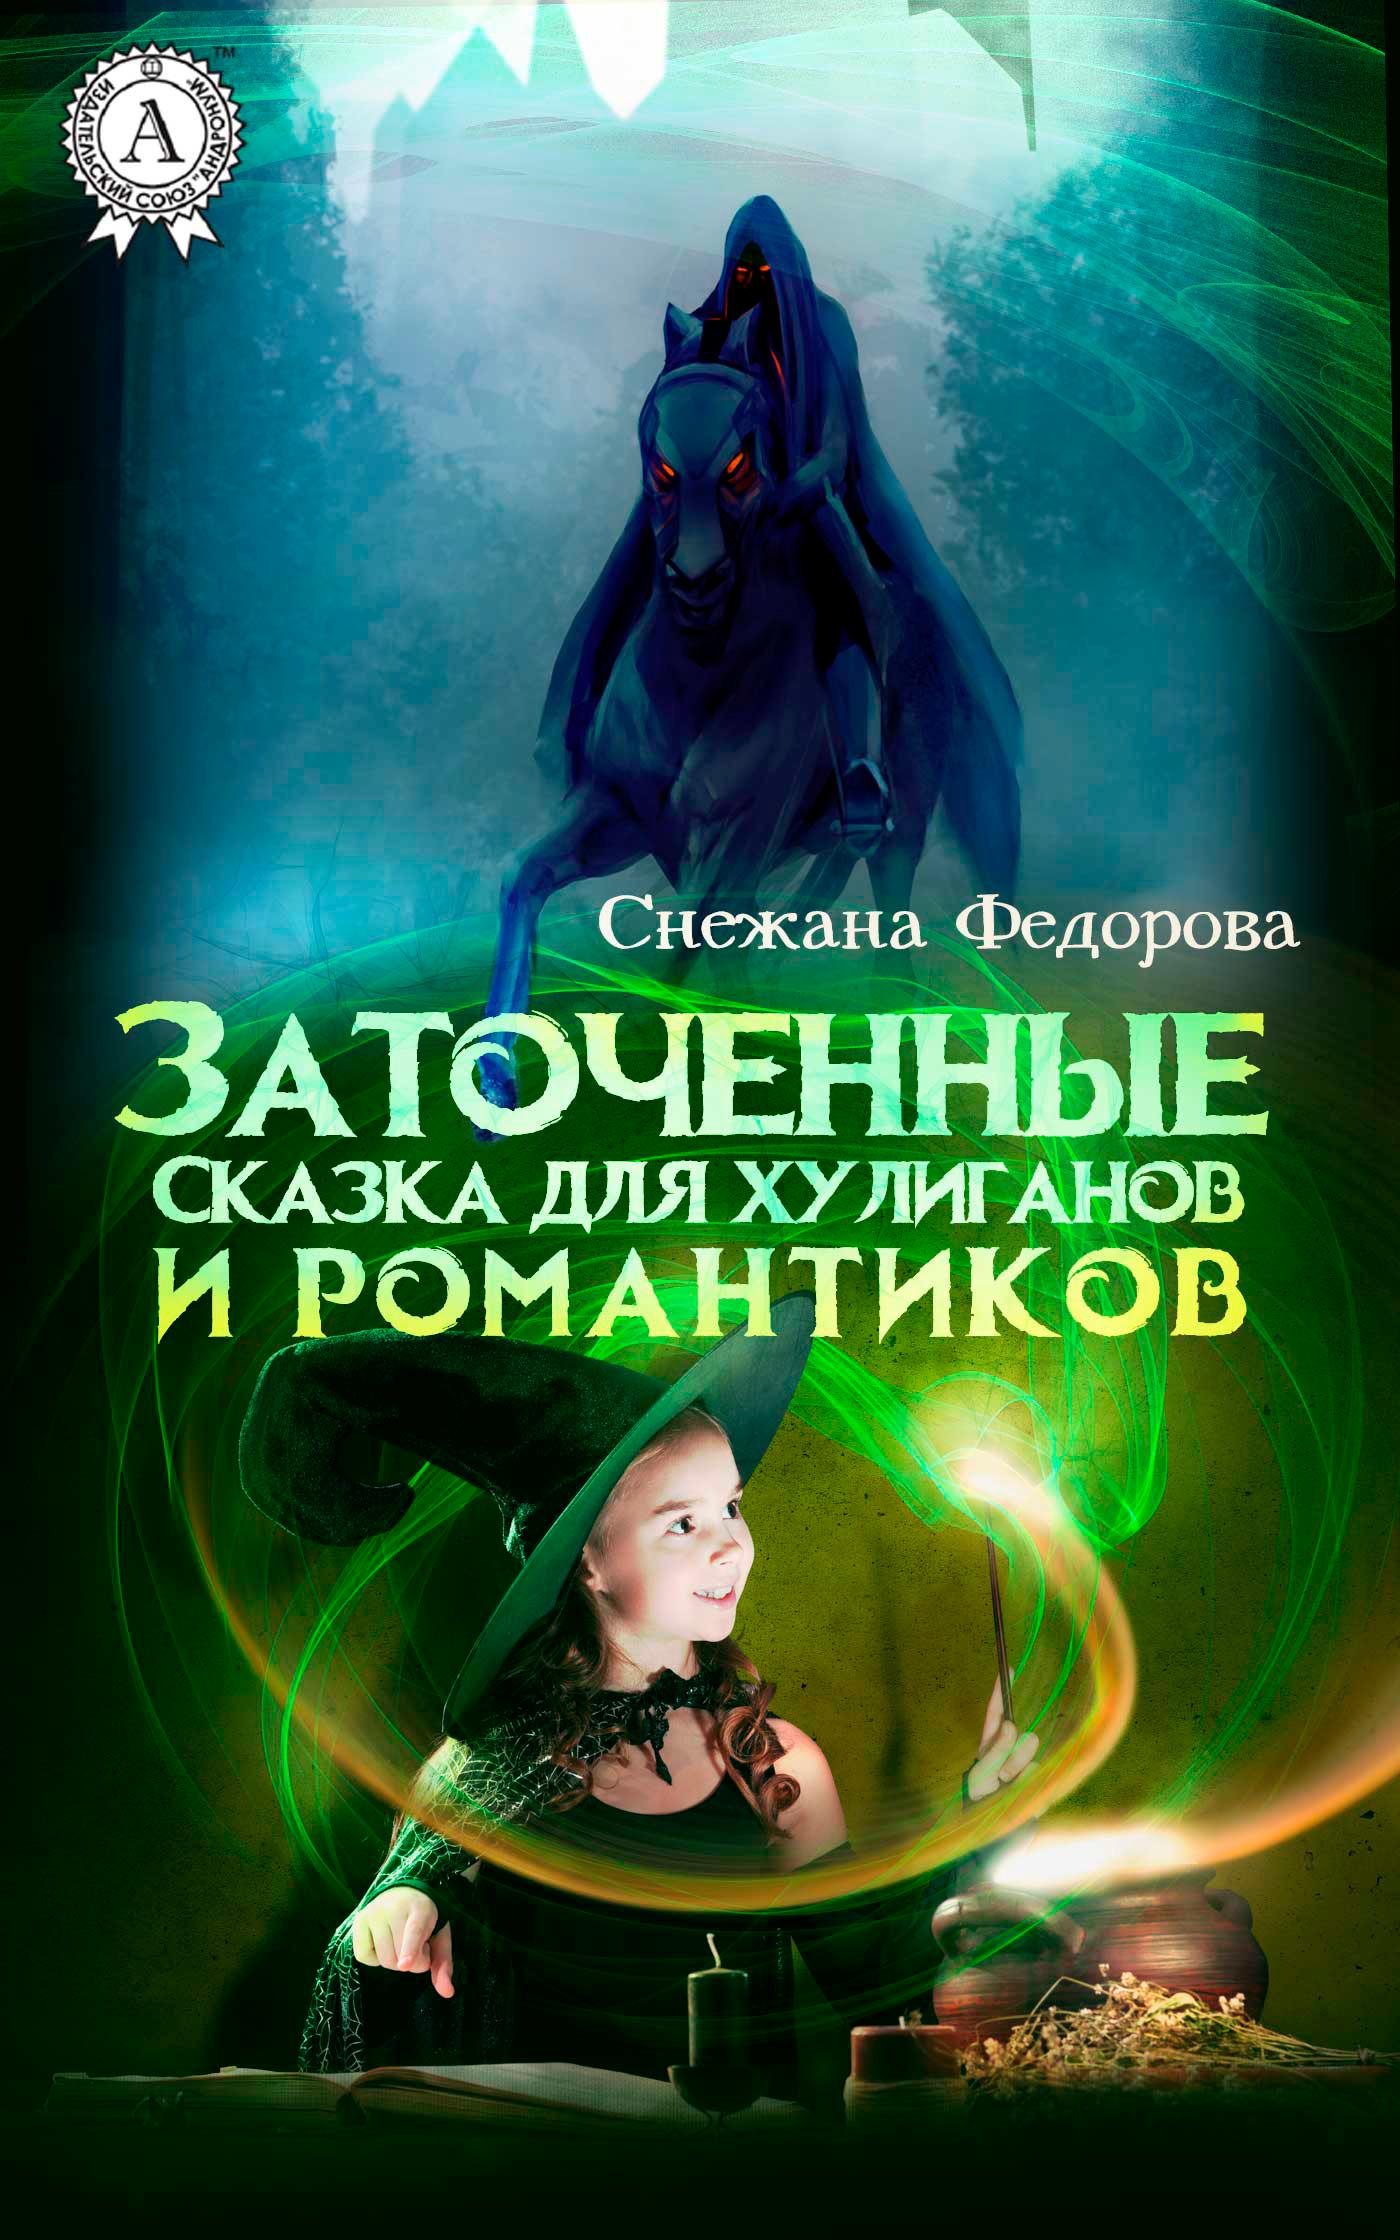 Снежана Федорова - Заточенные. Сказка для хулиганов и романтиков